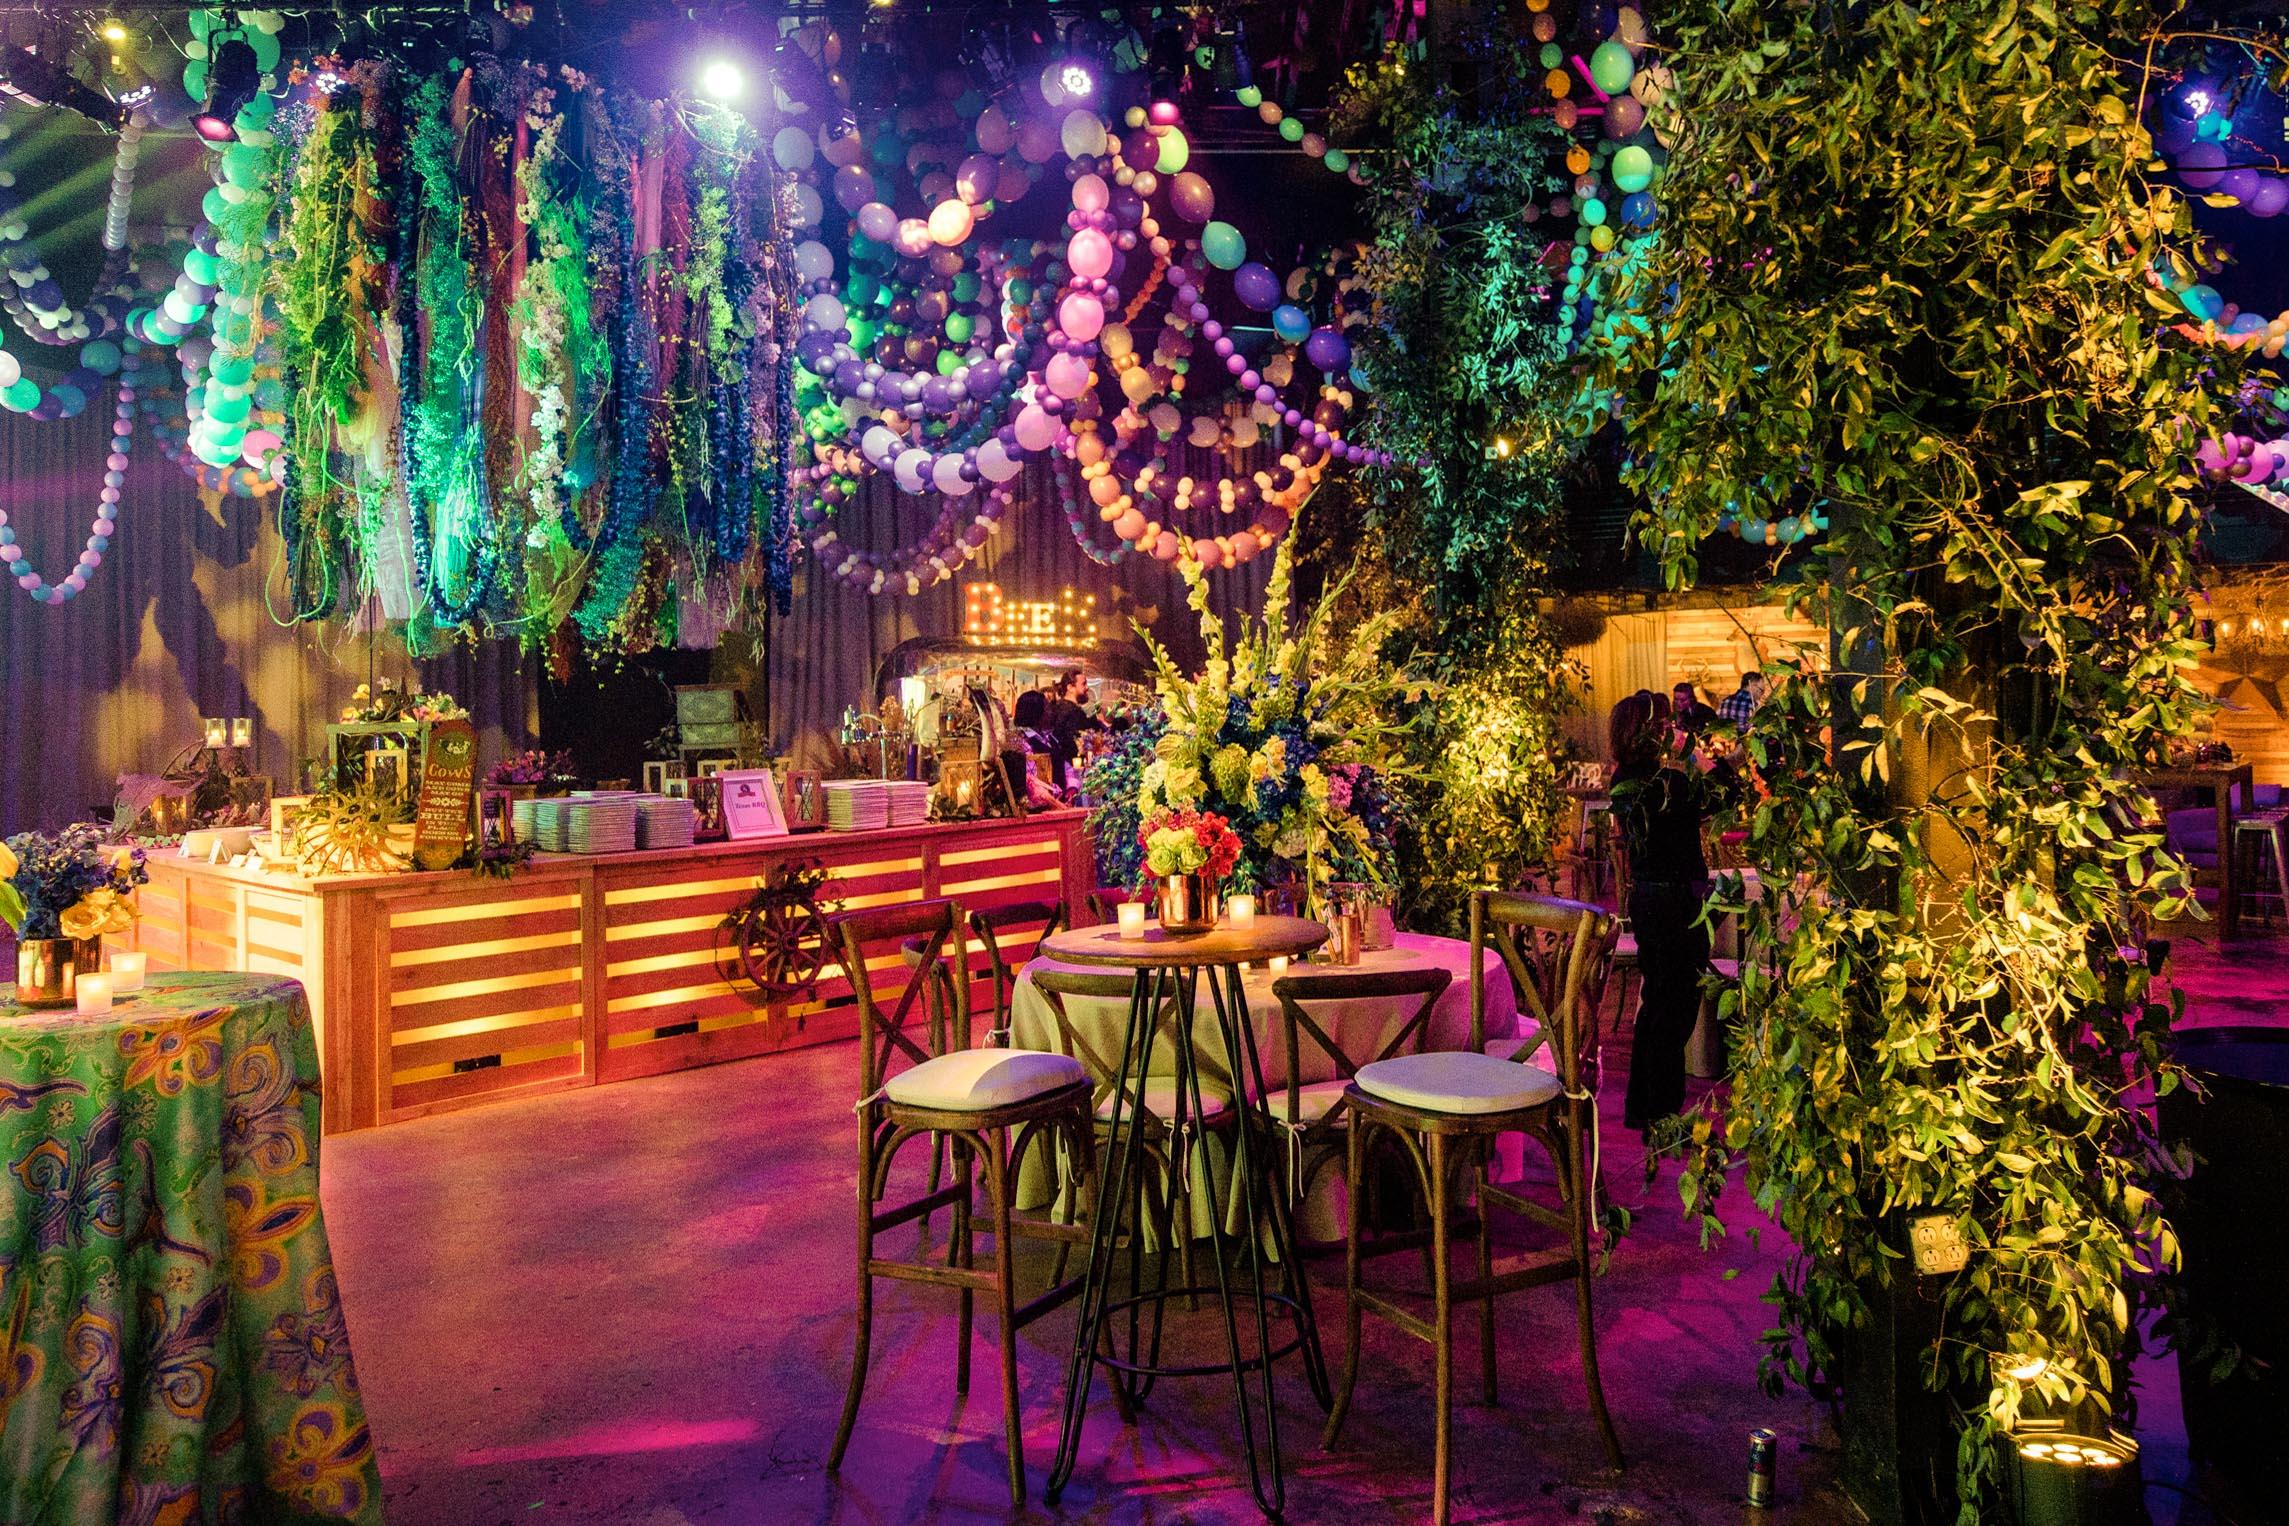 New Orleans party floral arrangements